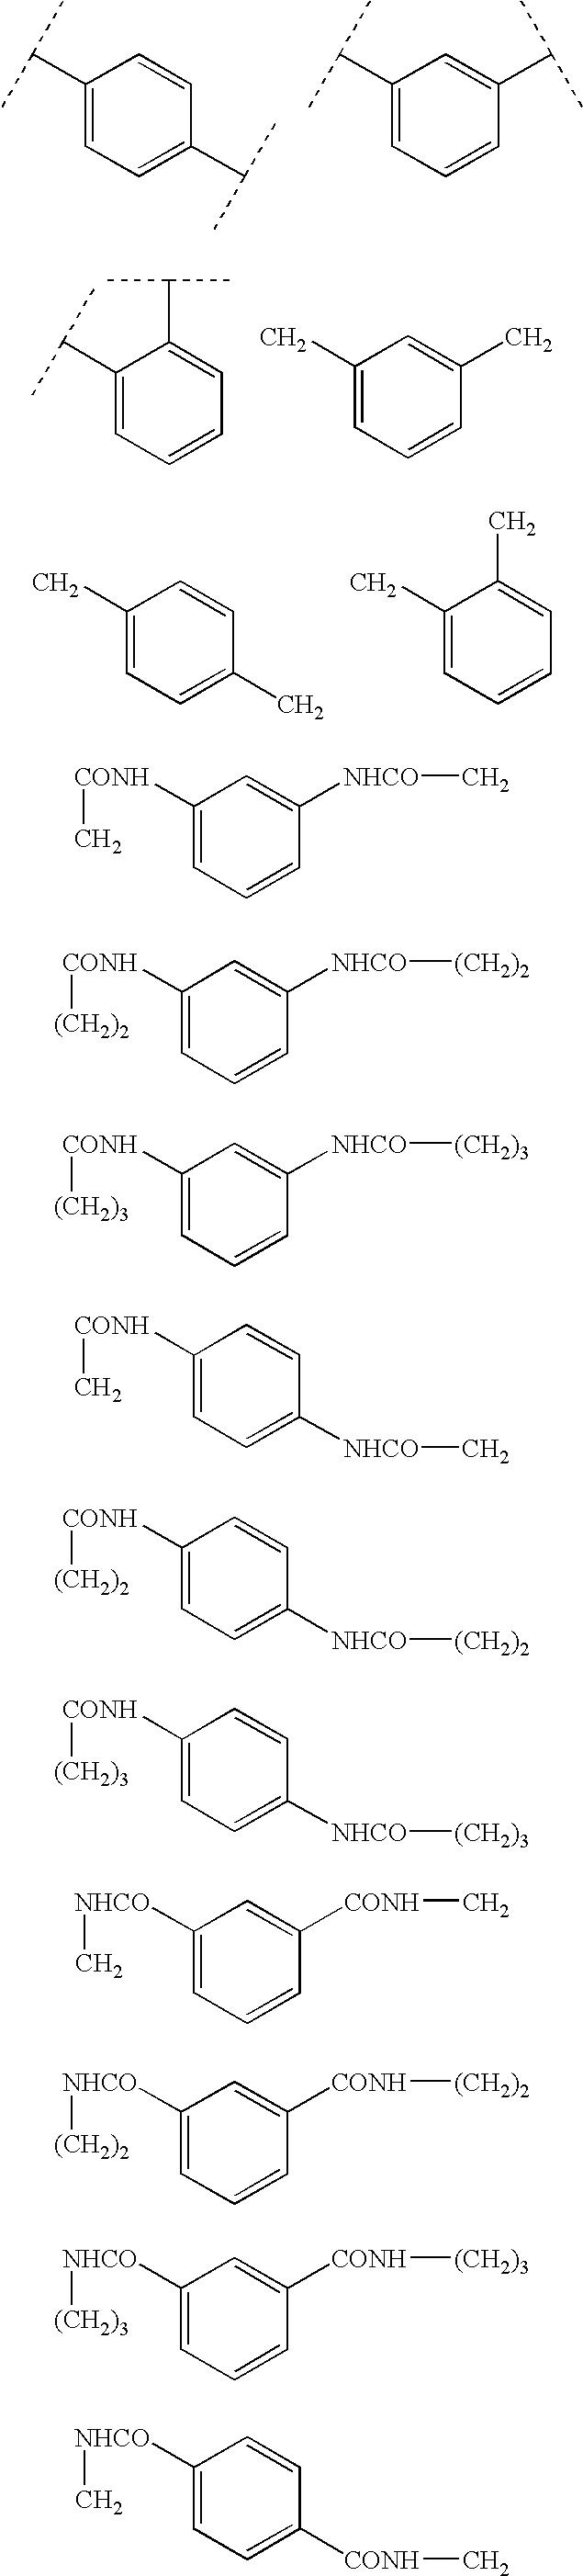 Figure US07147673-20061212-C00007